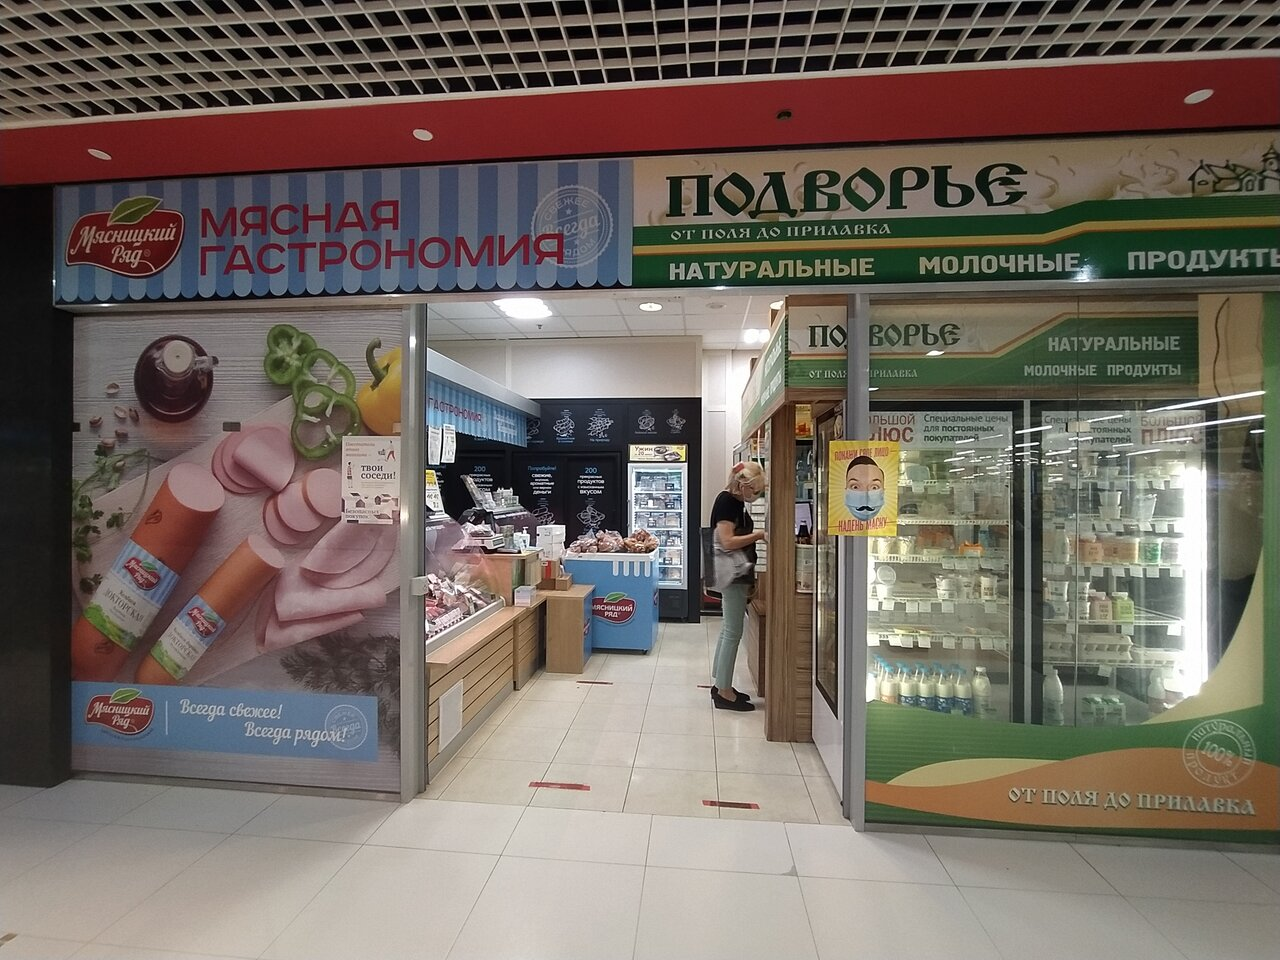 Магазин Мясницкий Ряд Рядом Со Мной